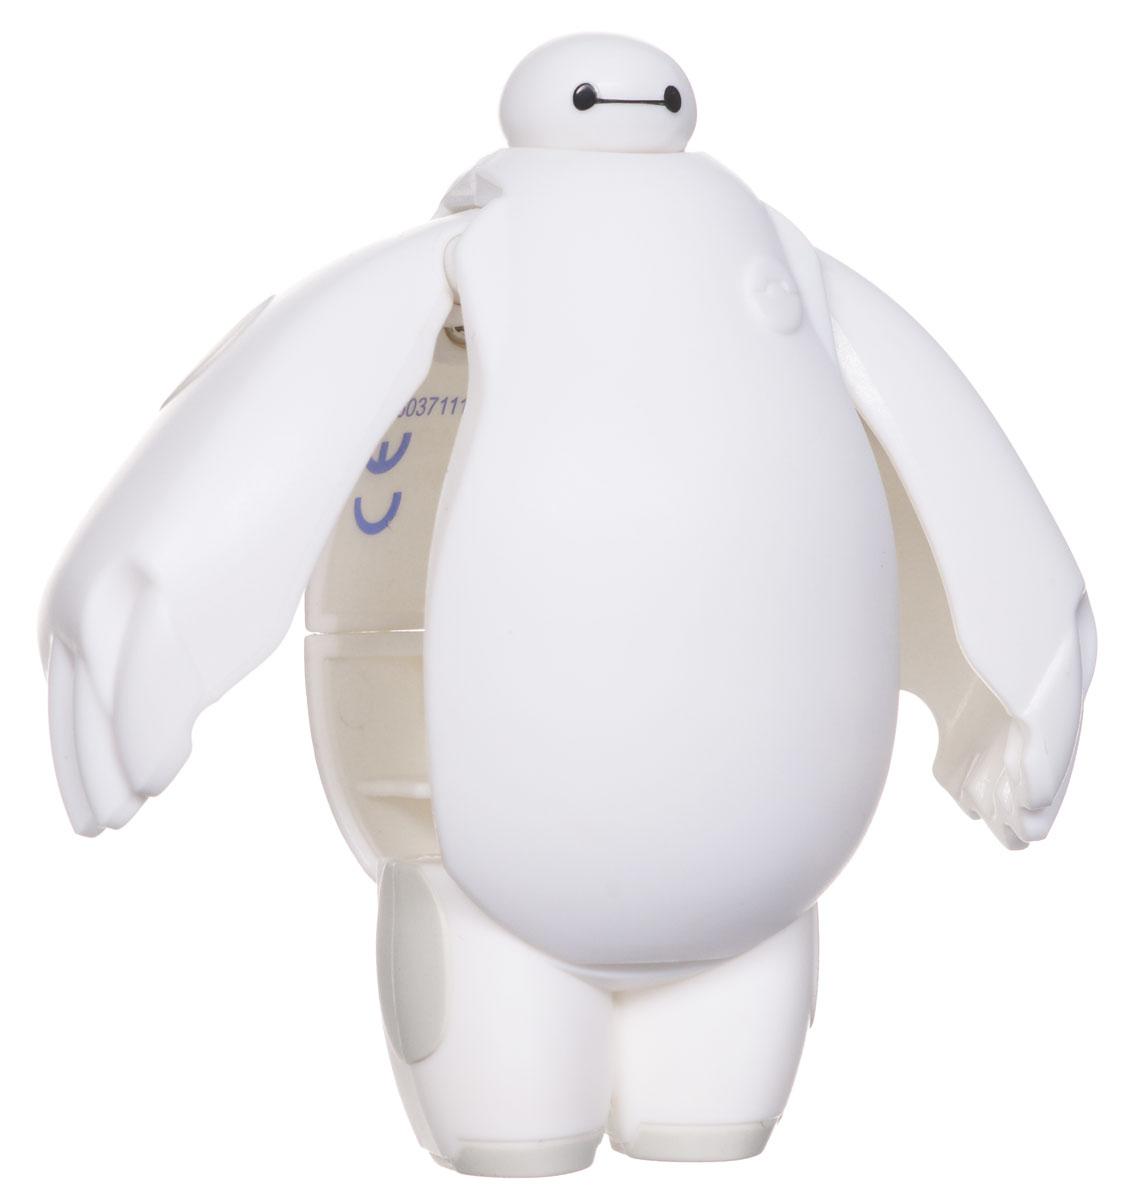 Игрушка EggStars Яйцо-трансформер: Бэймакс, цвет: белый84410Оригинальная игрушка EggStars Яйцо-трансформер: Бэймакс надолго займет внимание вашего ребенка. Игрушка выполнена из прочного пластика в виде белого робота-врача Бэймакса - персонажа мультфильма Big Hero 6 (Город героев). Бэймакс легко трансформируется в яйцо и обратно. Эта игрушка непременно понравится вашему малышу. Порадуйте его таким замечательным подарком!